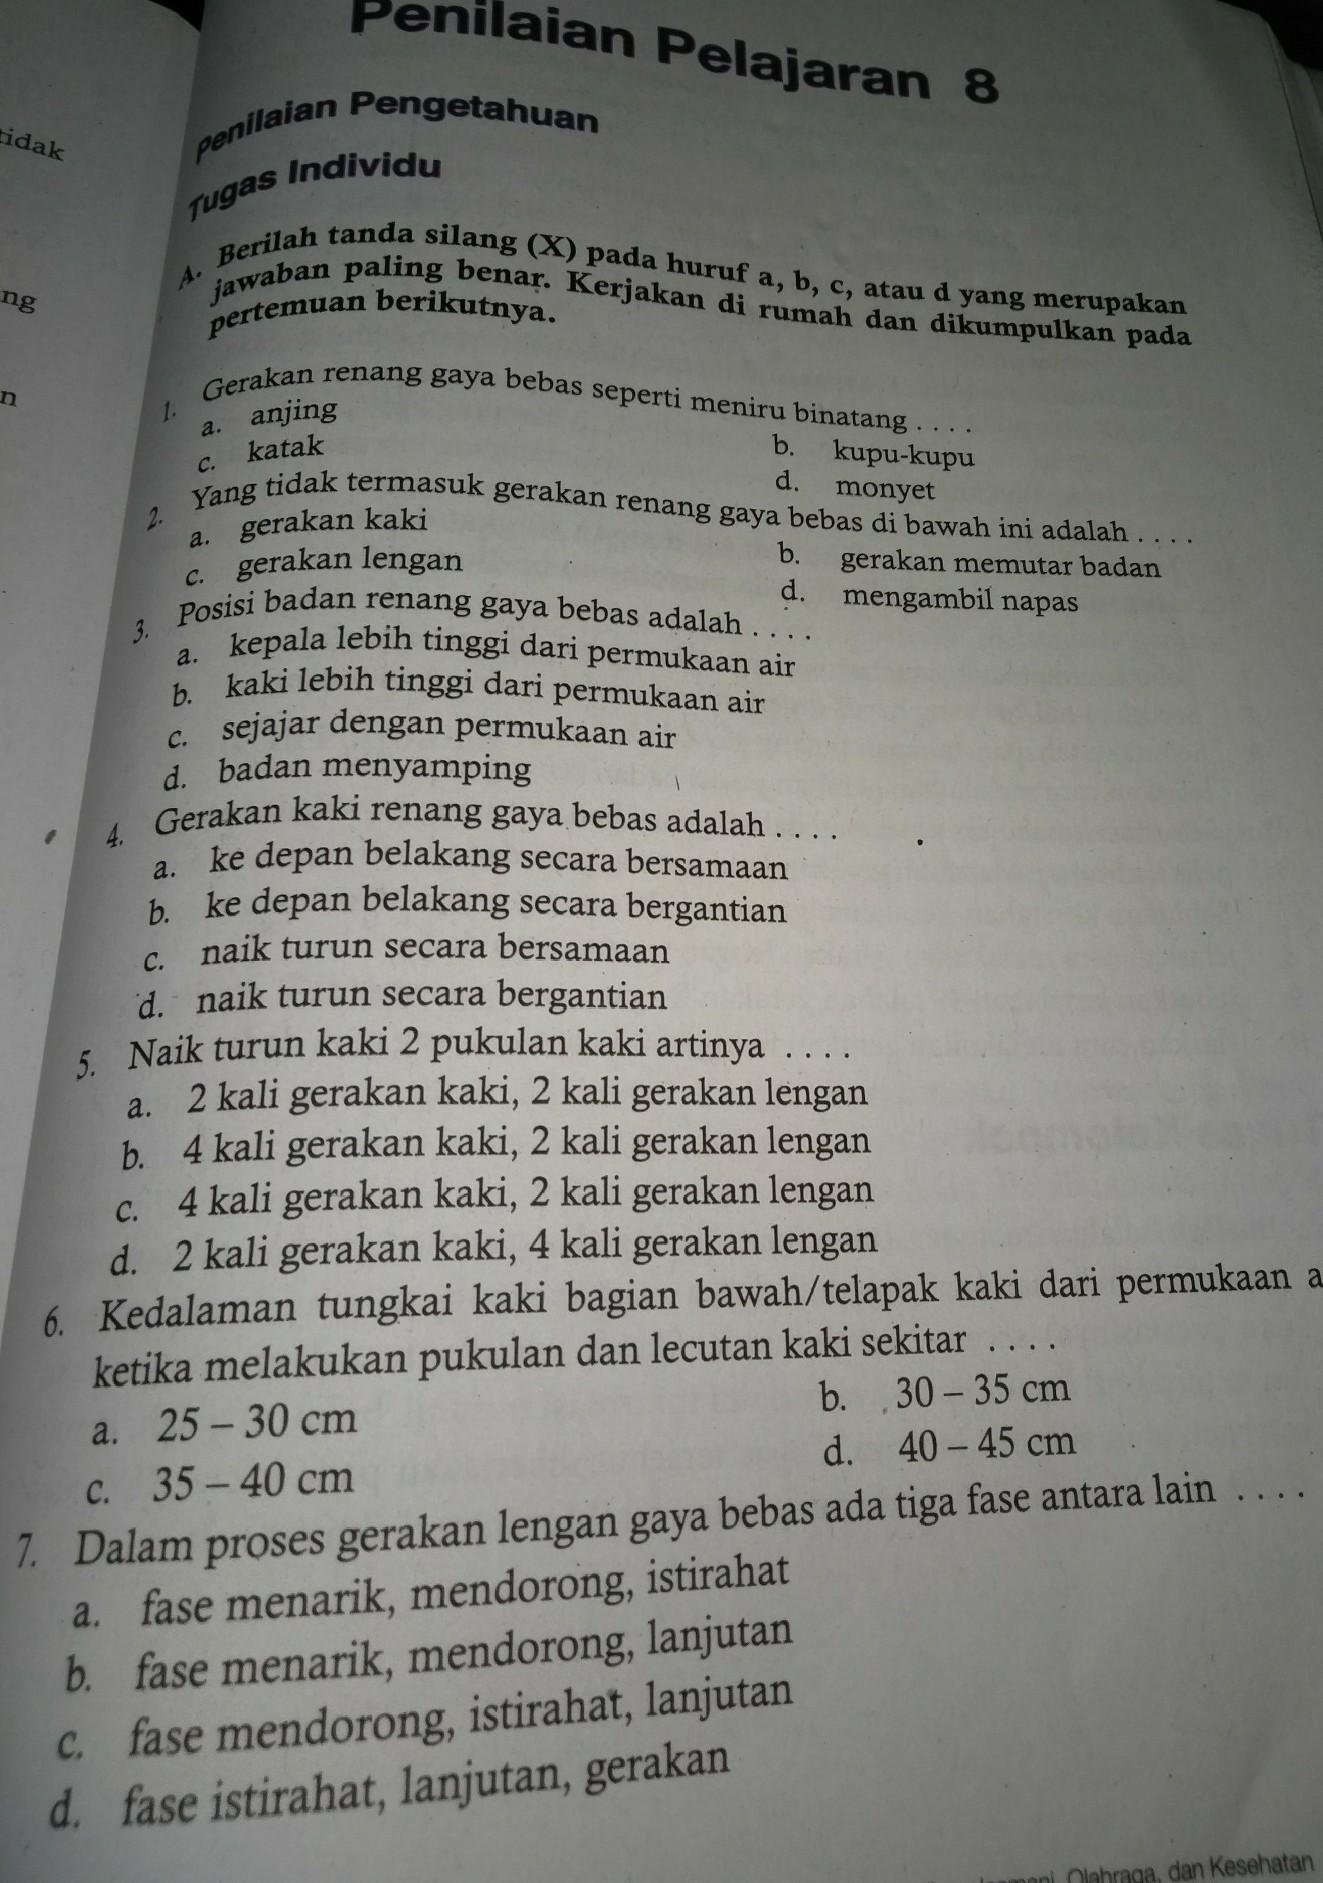 Kunci Jawaban Buku Penjaskes Kelas 7 Bab 8 Brainly Co Id